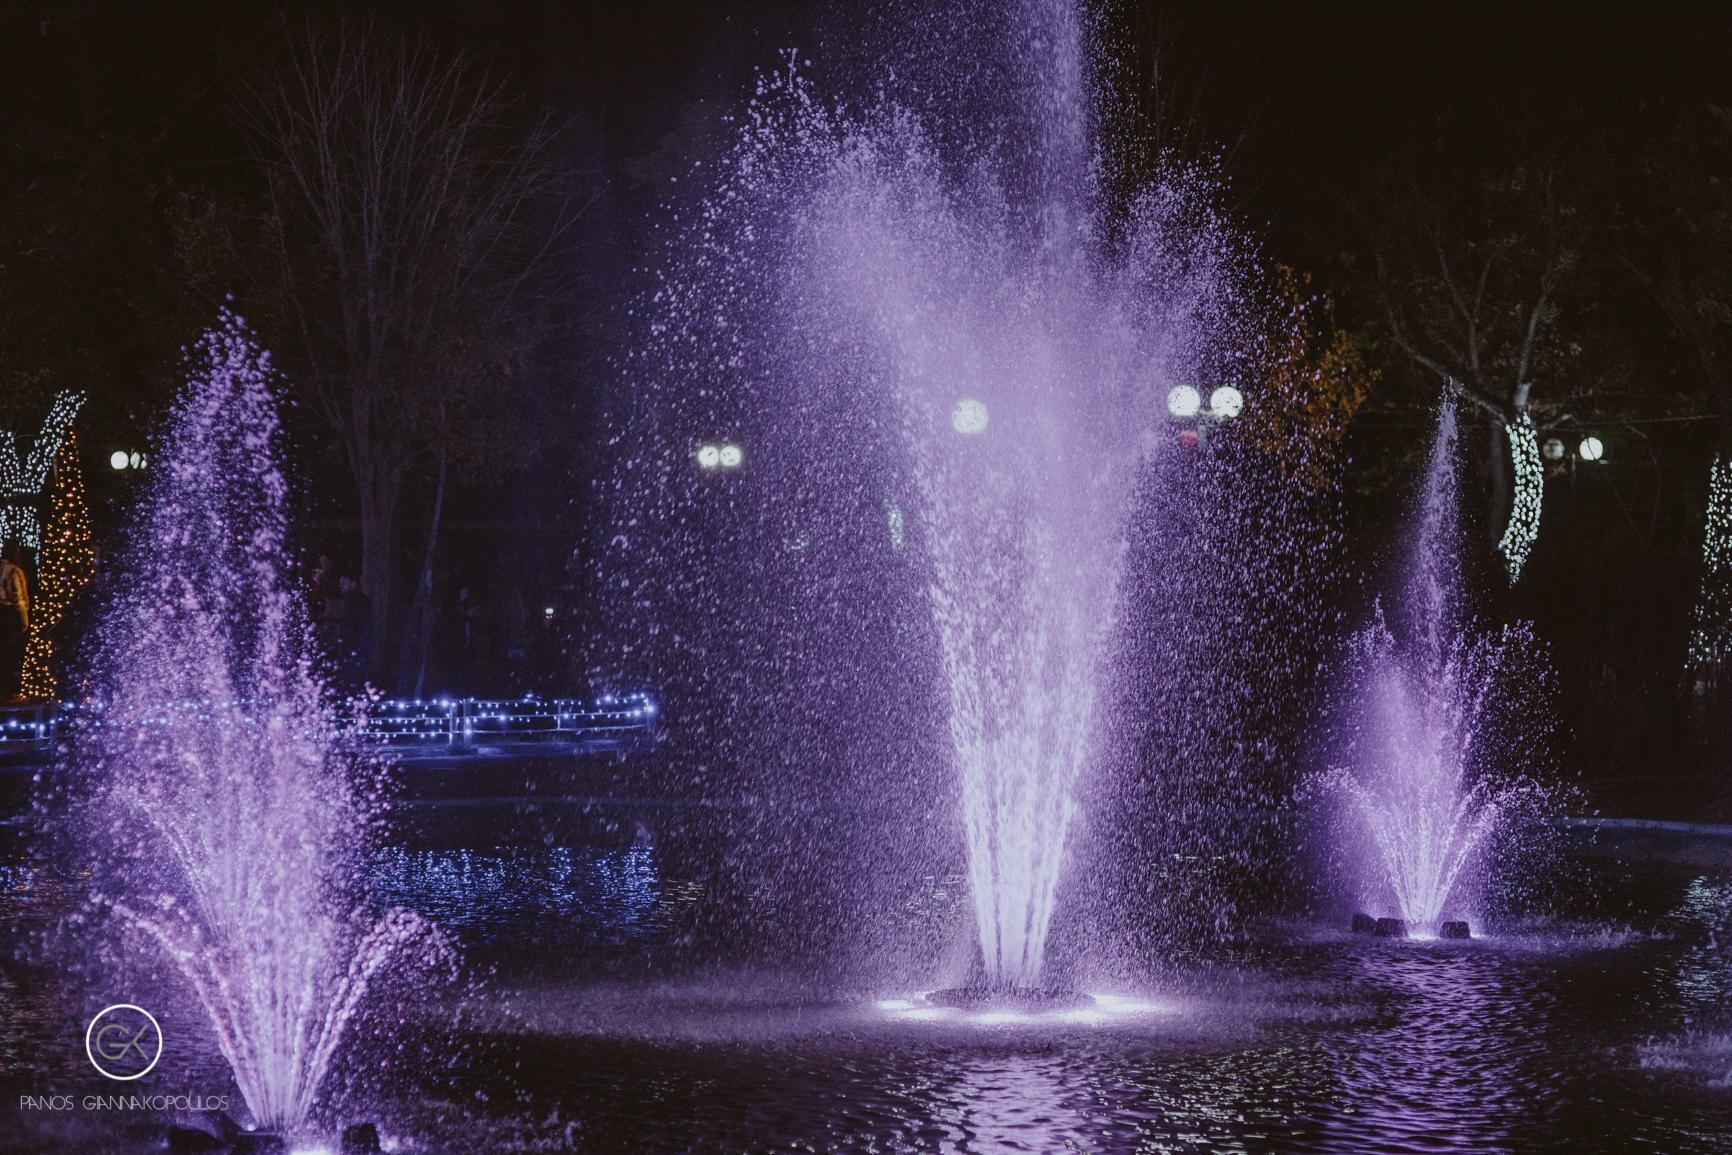 PAN 6496 - Το Πάρκο των Ευχών μέσα από το φακό του Πάνου Γιαννακόπουλου!